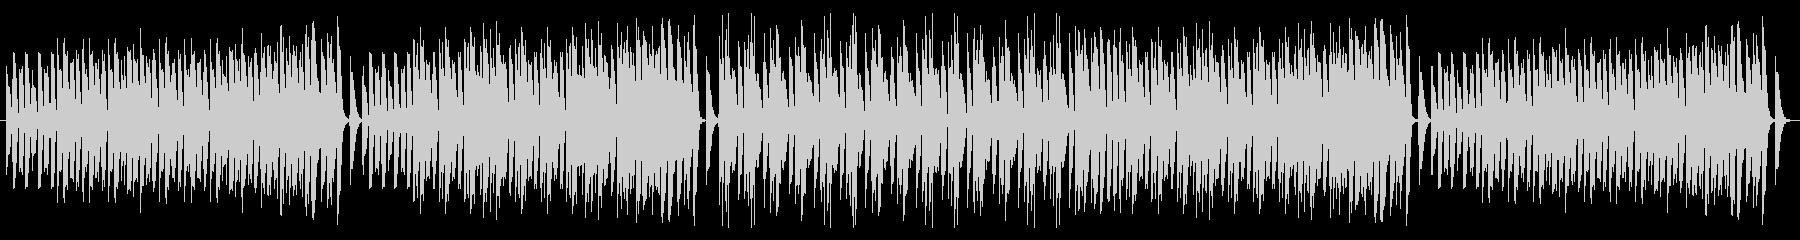 ピアノのみ使用したラグタイムですの未再生の波形